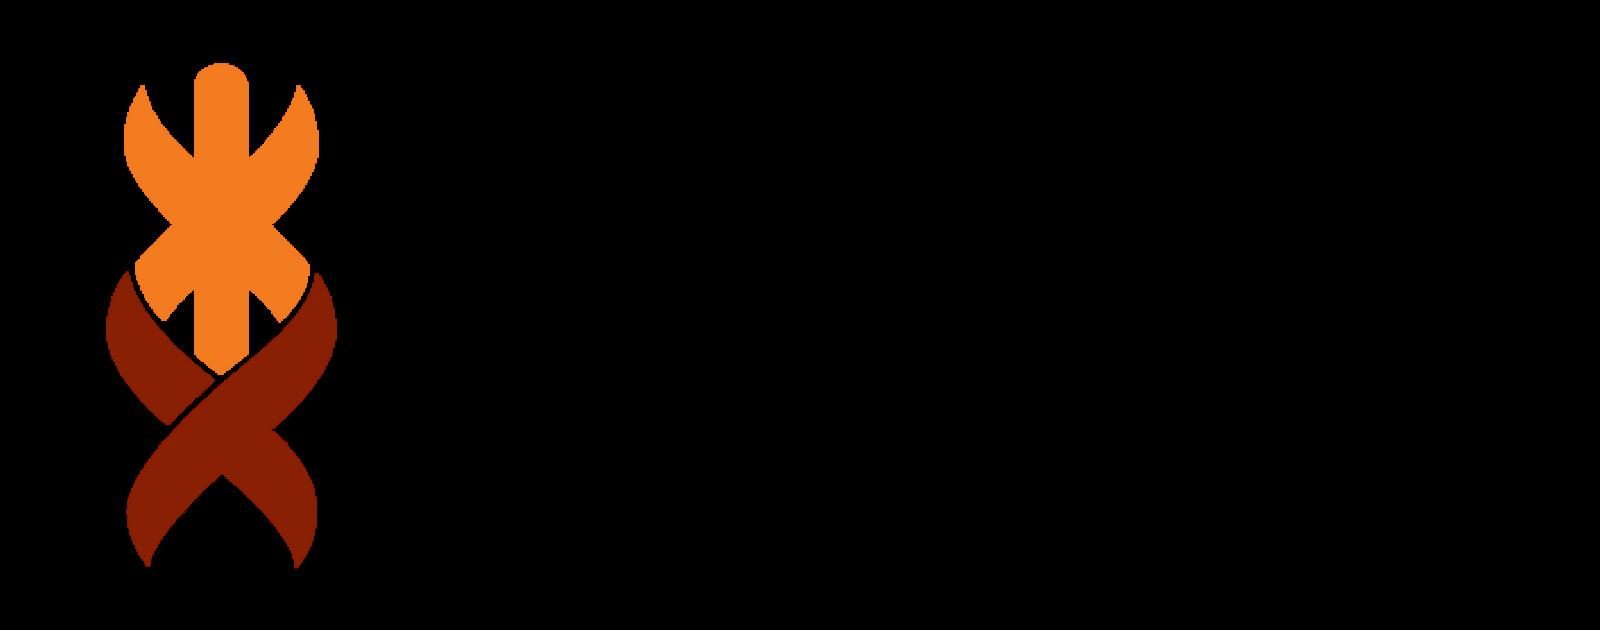 ProTrials Research, Inc. logo